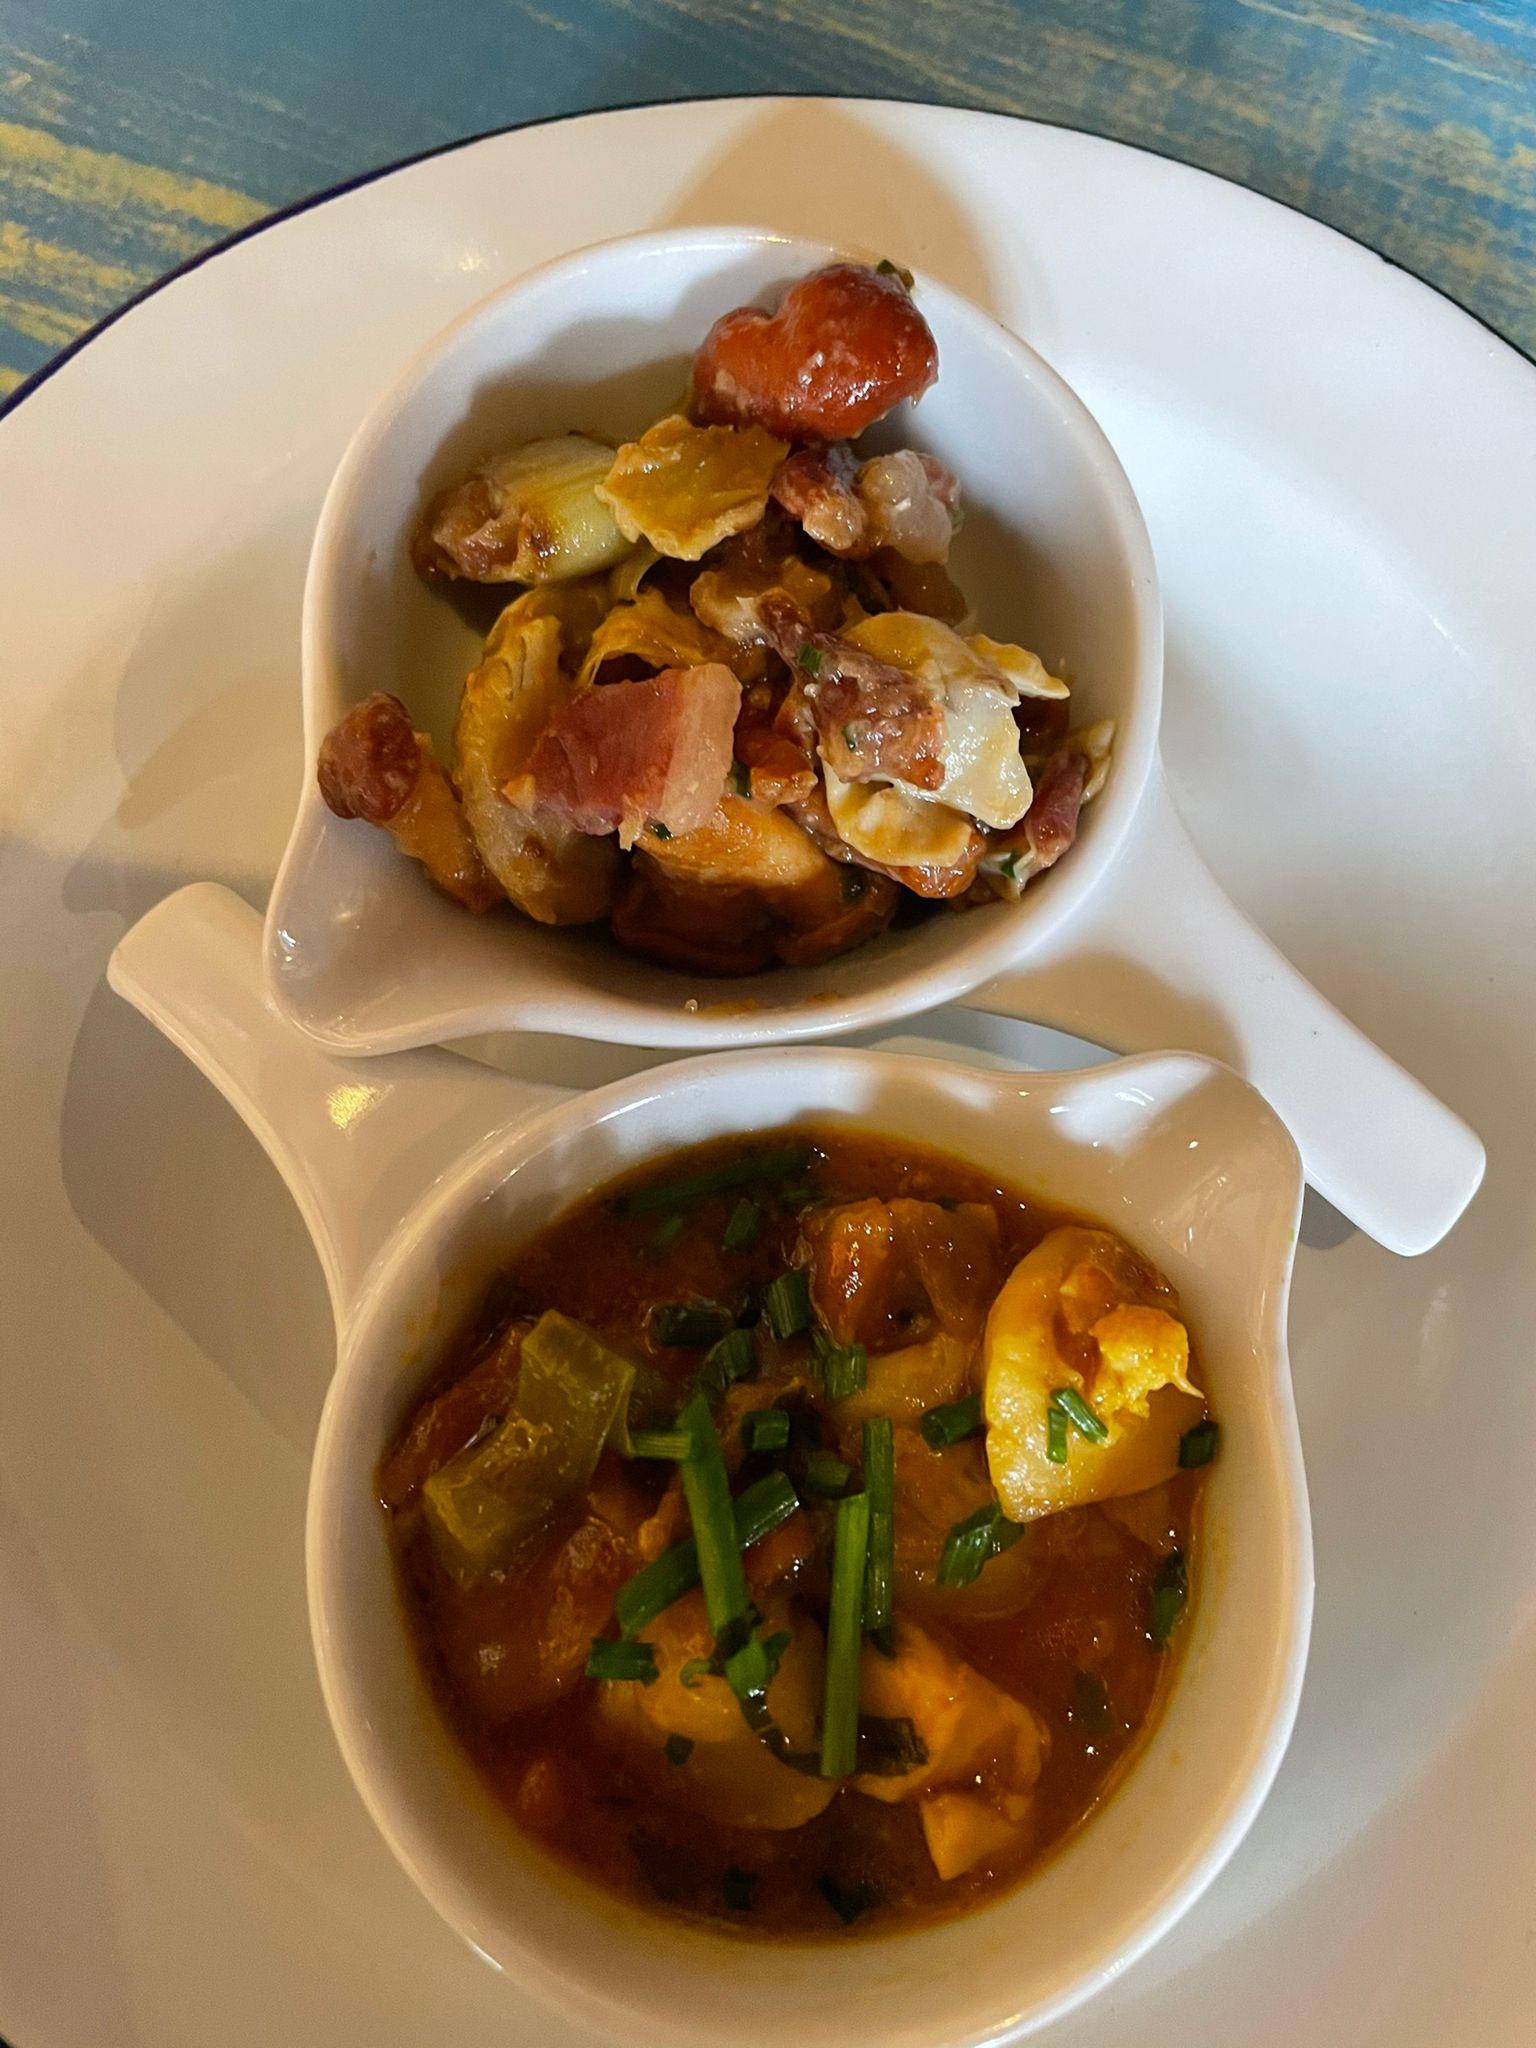 Reseña Gastronómica Restaurante la Puerta del Perdón en Villafranca del Bierzo. 2